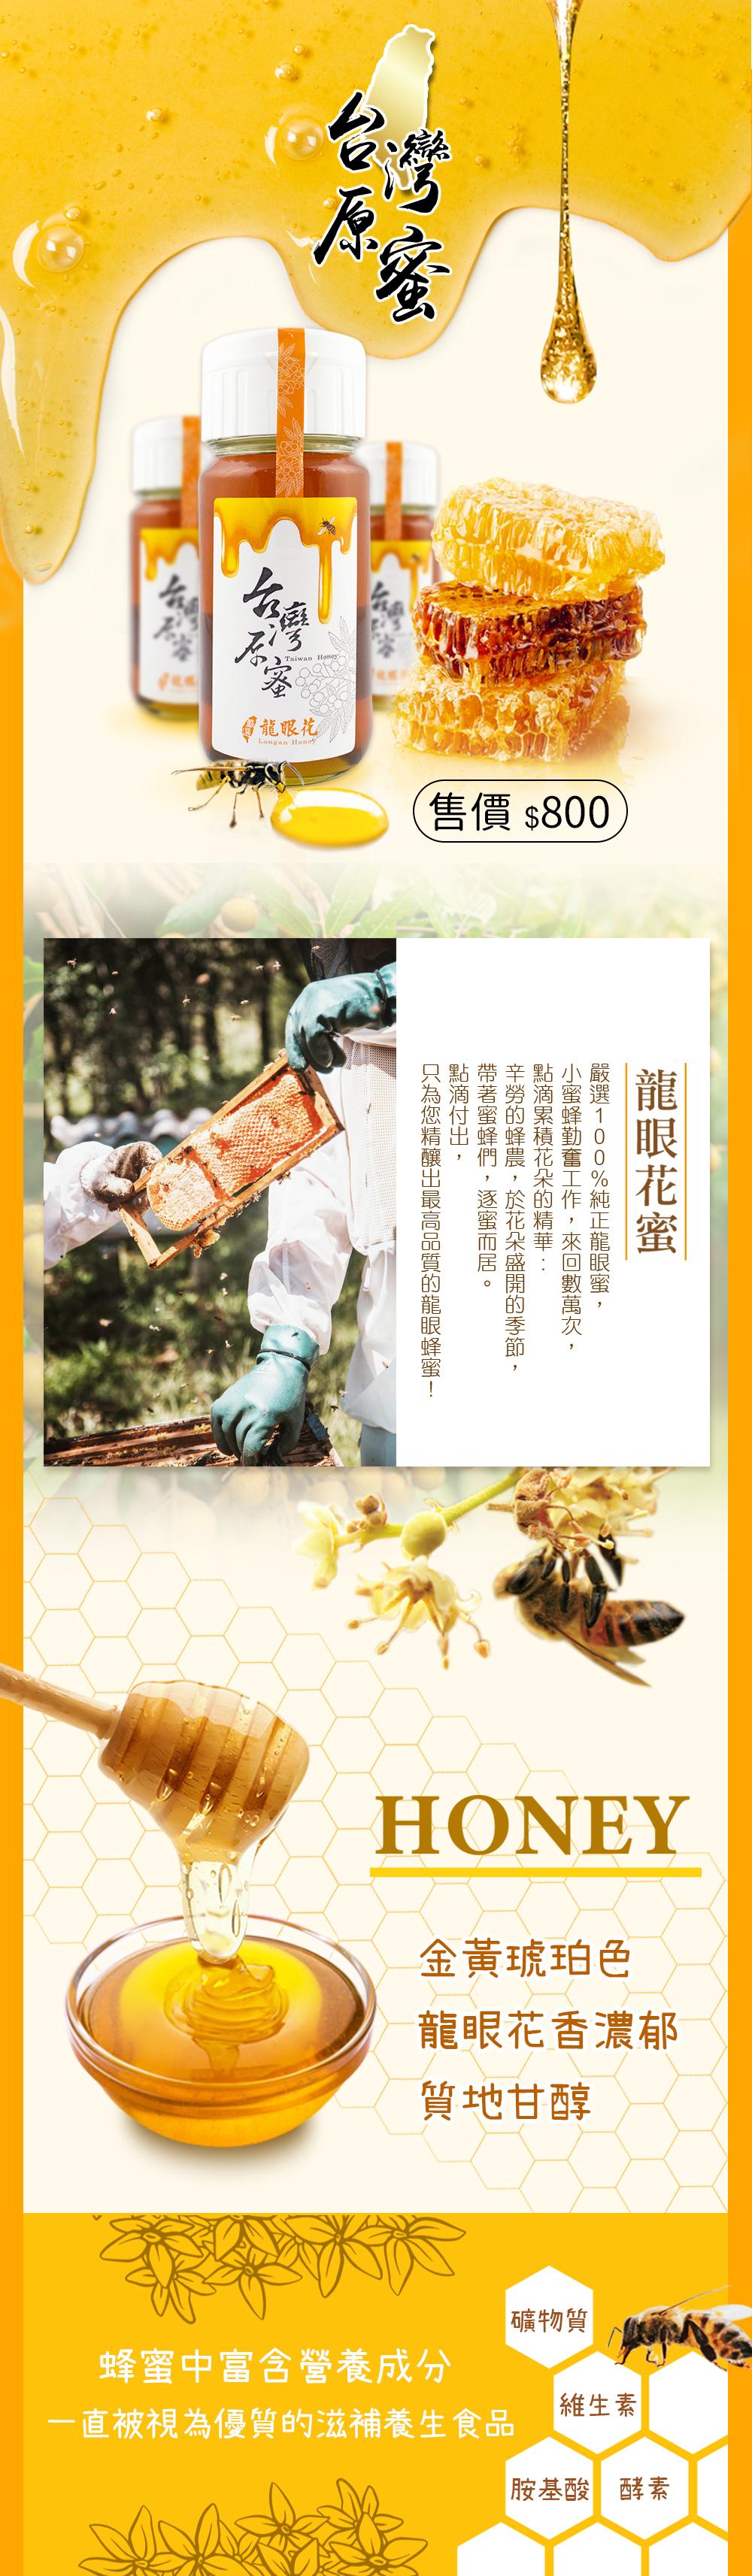 樂活蜂-龍眼花蜜